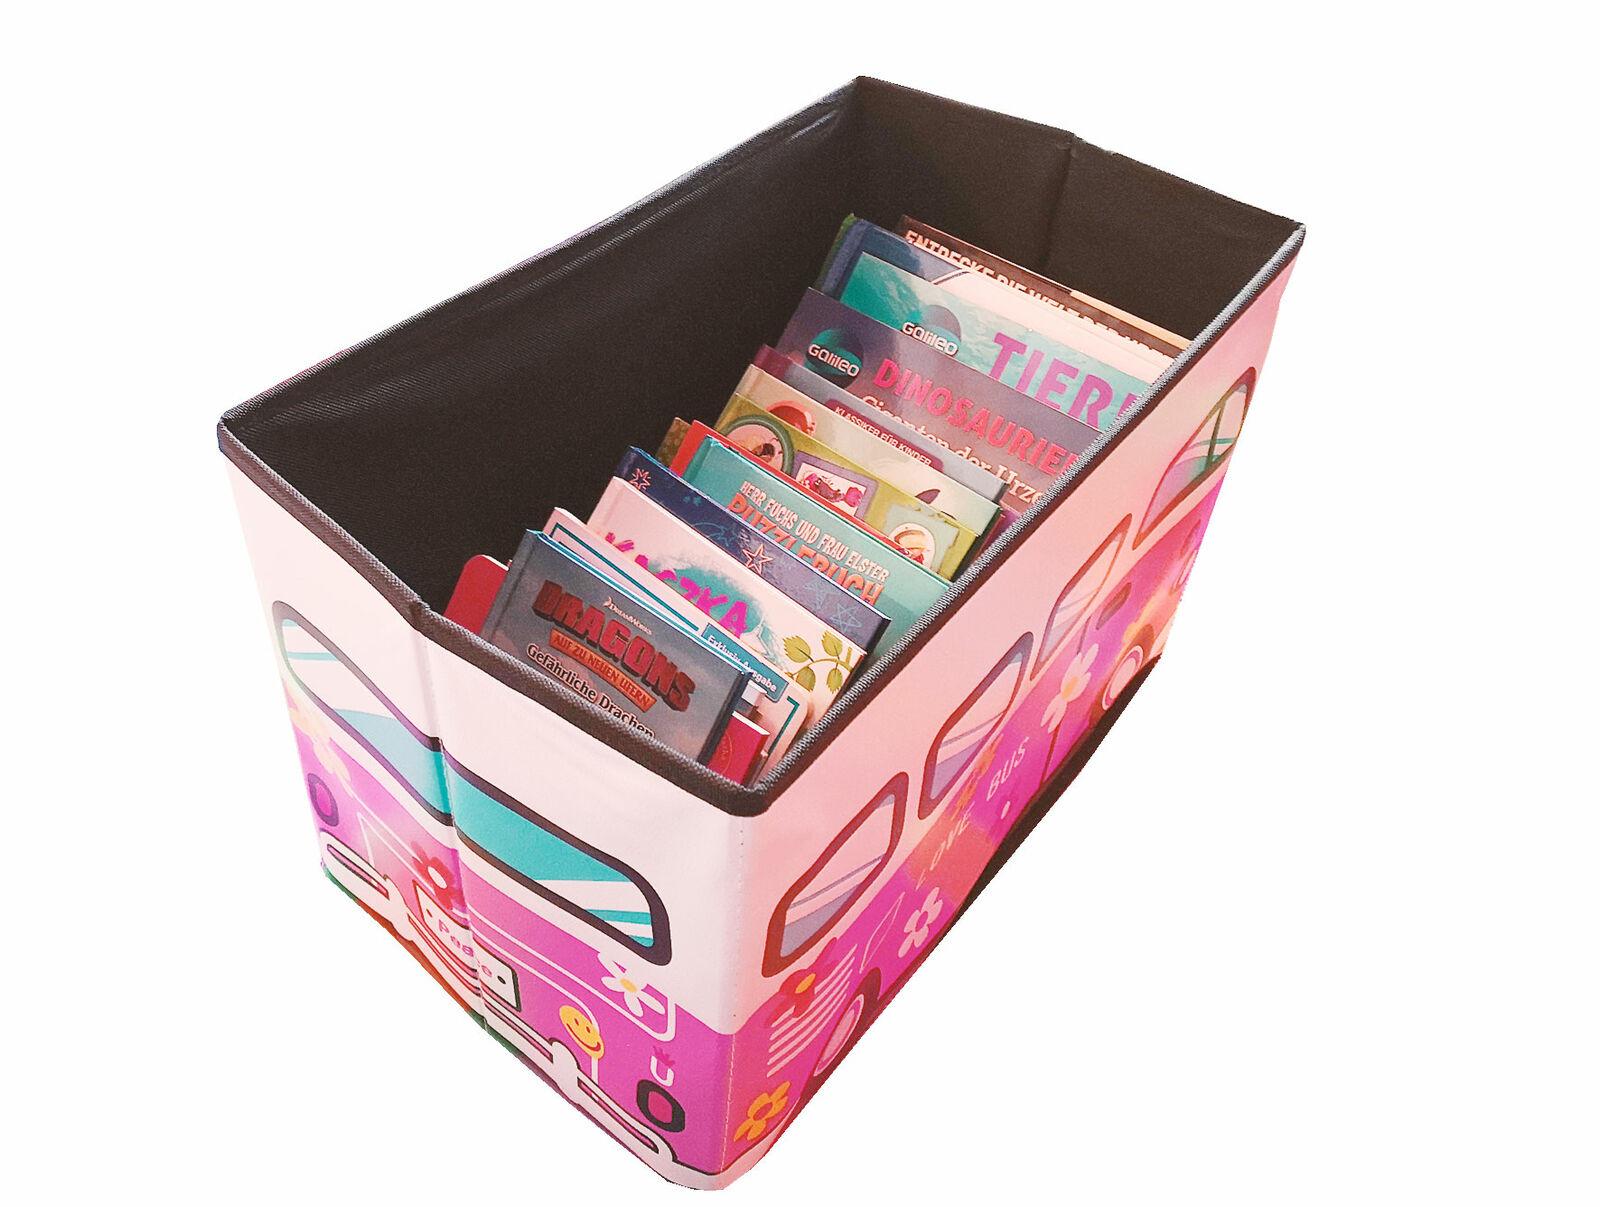 Full Size of Aufbewahrungsbox Mit Deckel Kinderzimmer Spielzeug Kiste Regal Aufbewahrungsbokinder Schlafzimmer Set Matratze Und Lattenrost Sofa Elektrischer Kinderzimmer Aufbewahrungsbox Mit Deckel Kinderzimmer